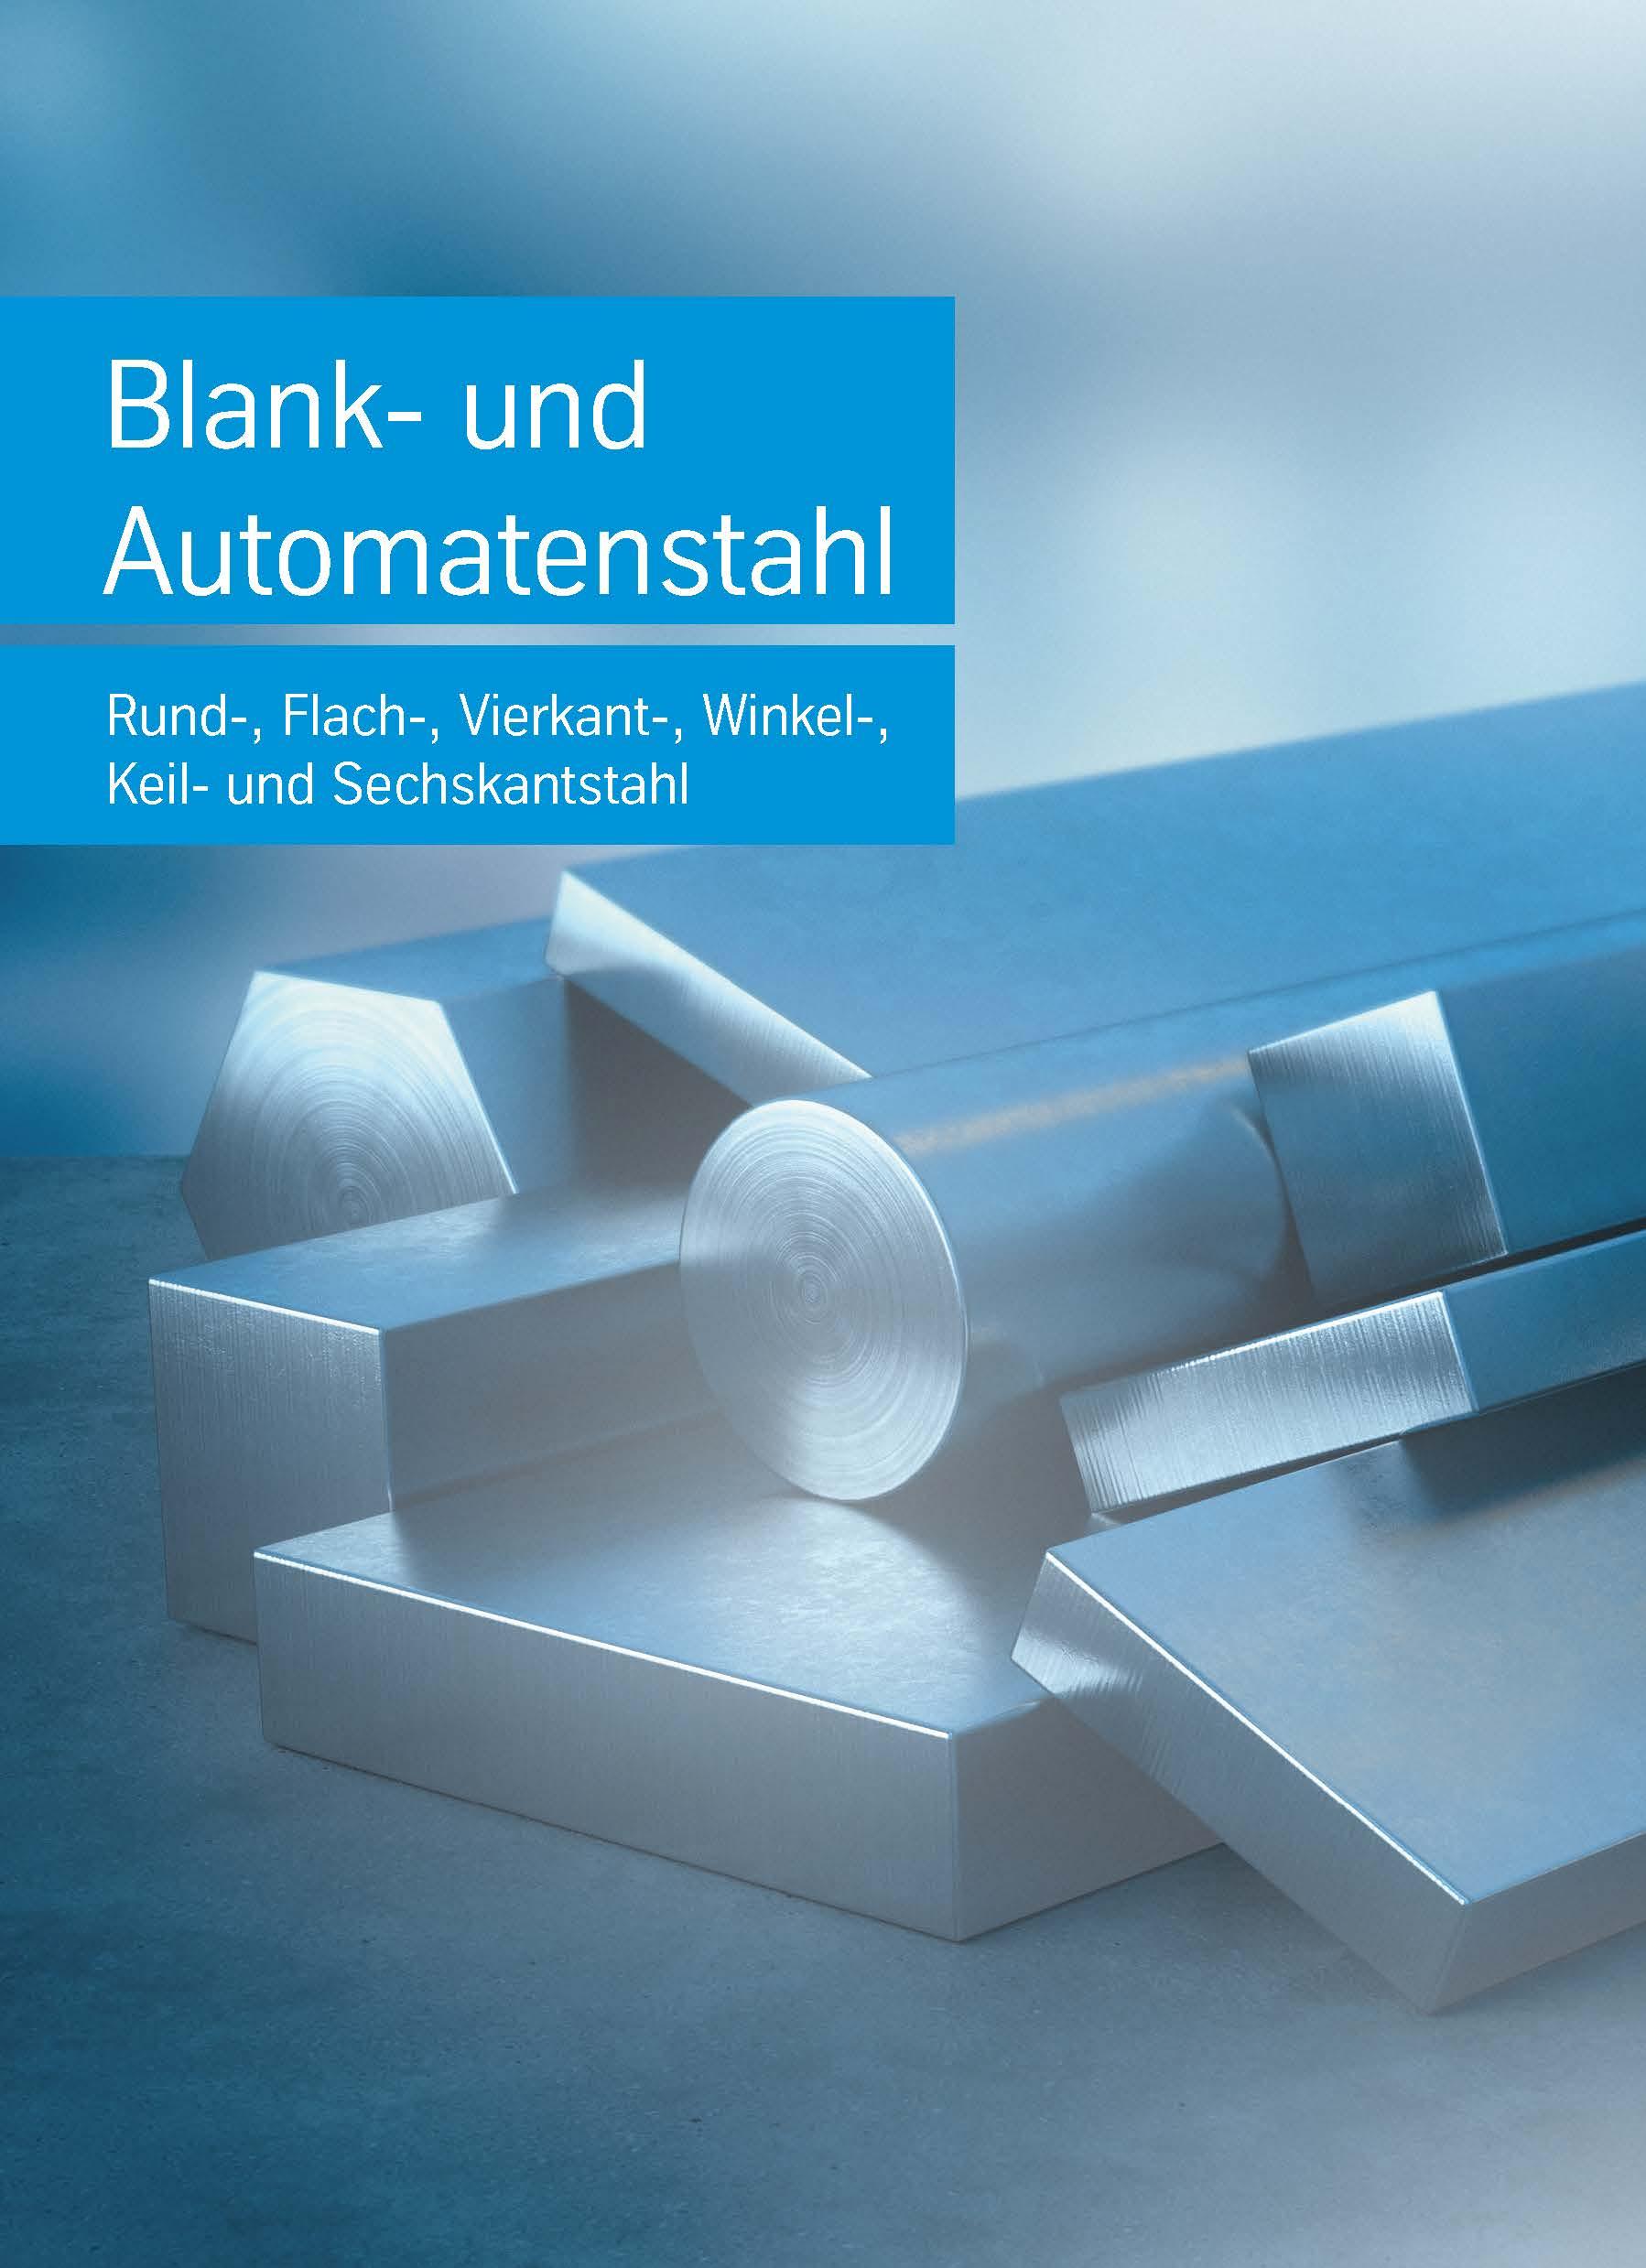 Werkstoffhandbuch Blankstahl und Automatenstahl